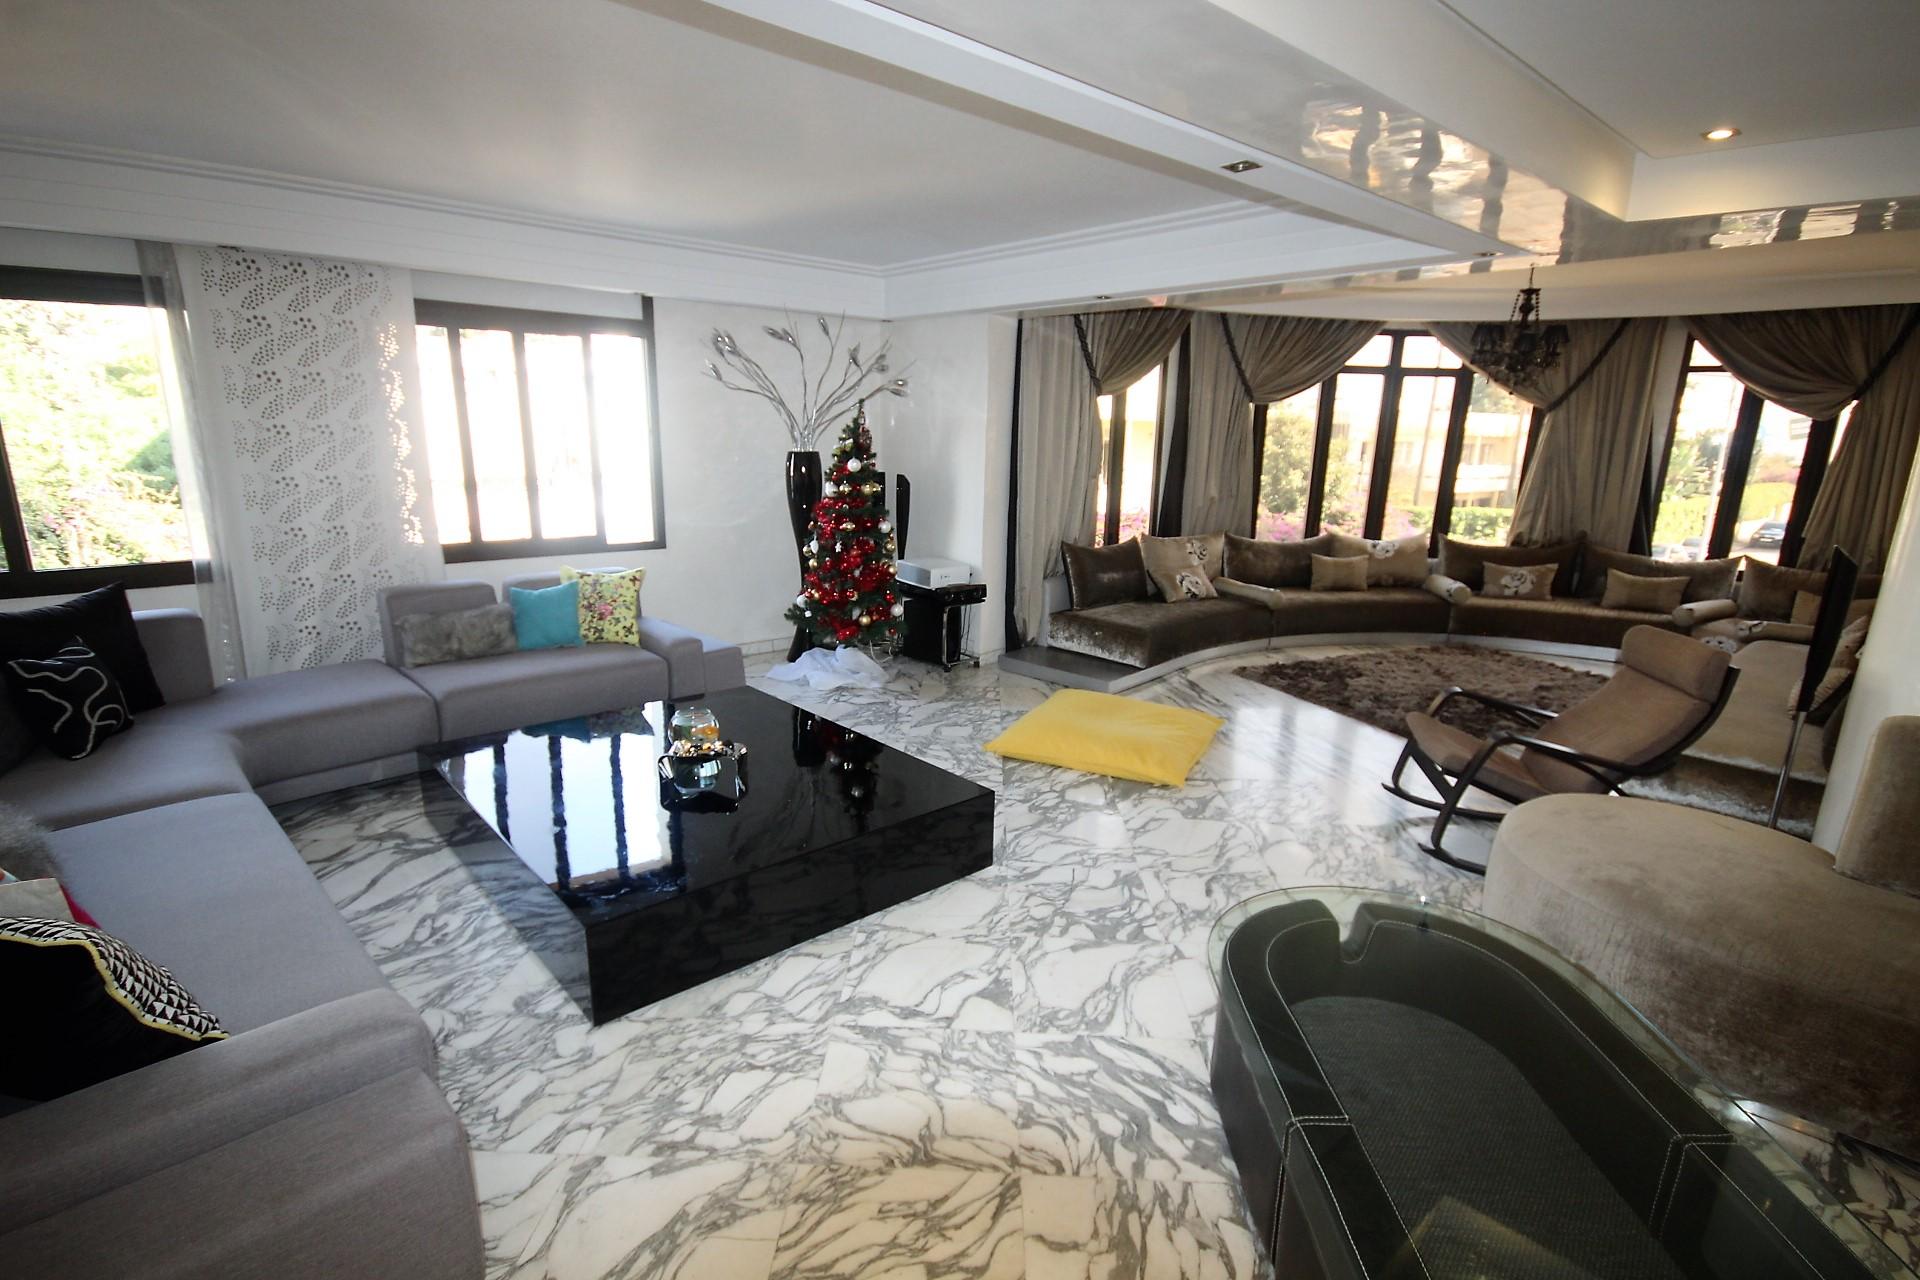 Maroc, Casablanca à acheter parfait appartement moderne d'angle de 220 m² sur le secteur proche de riviera